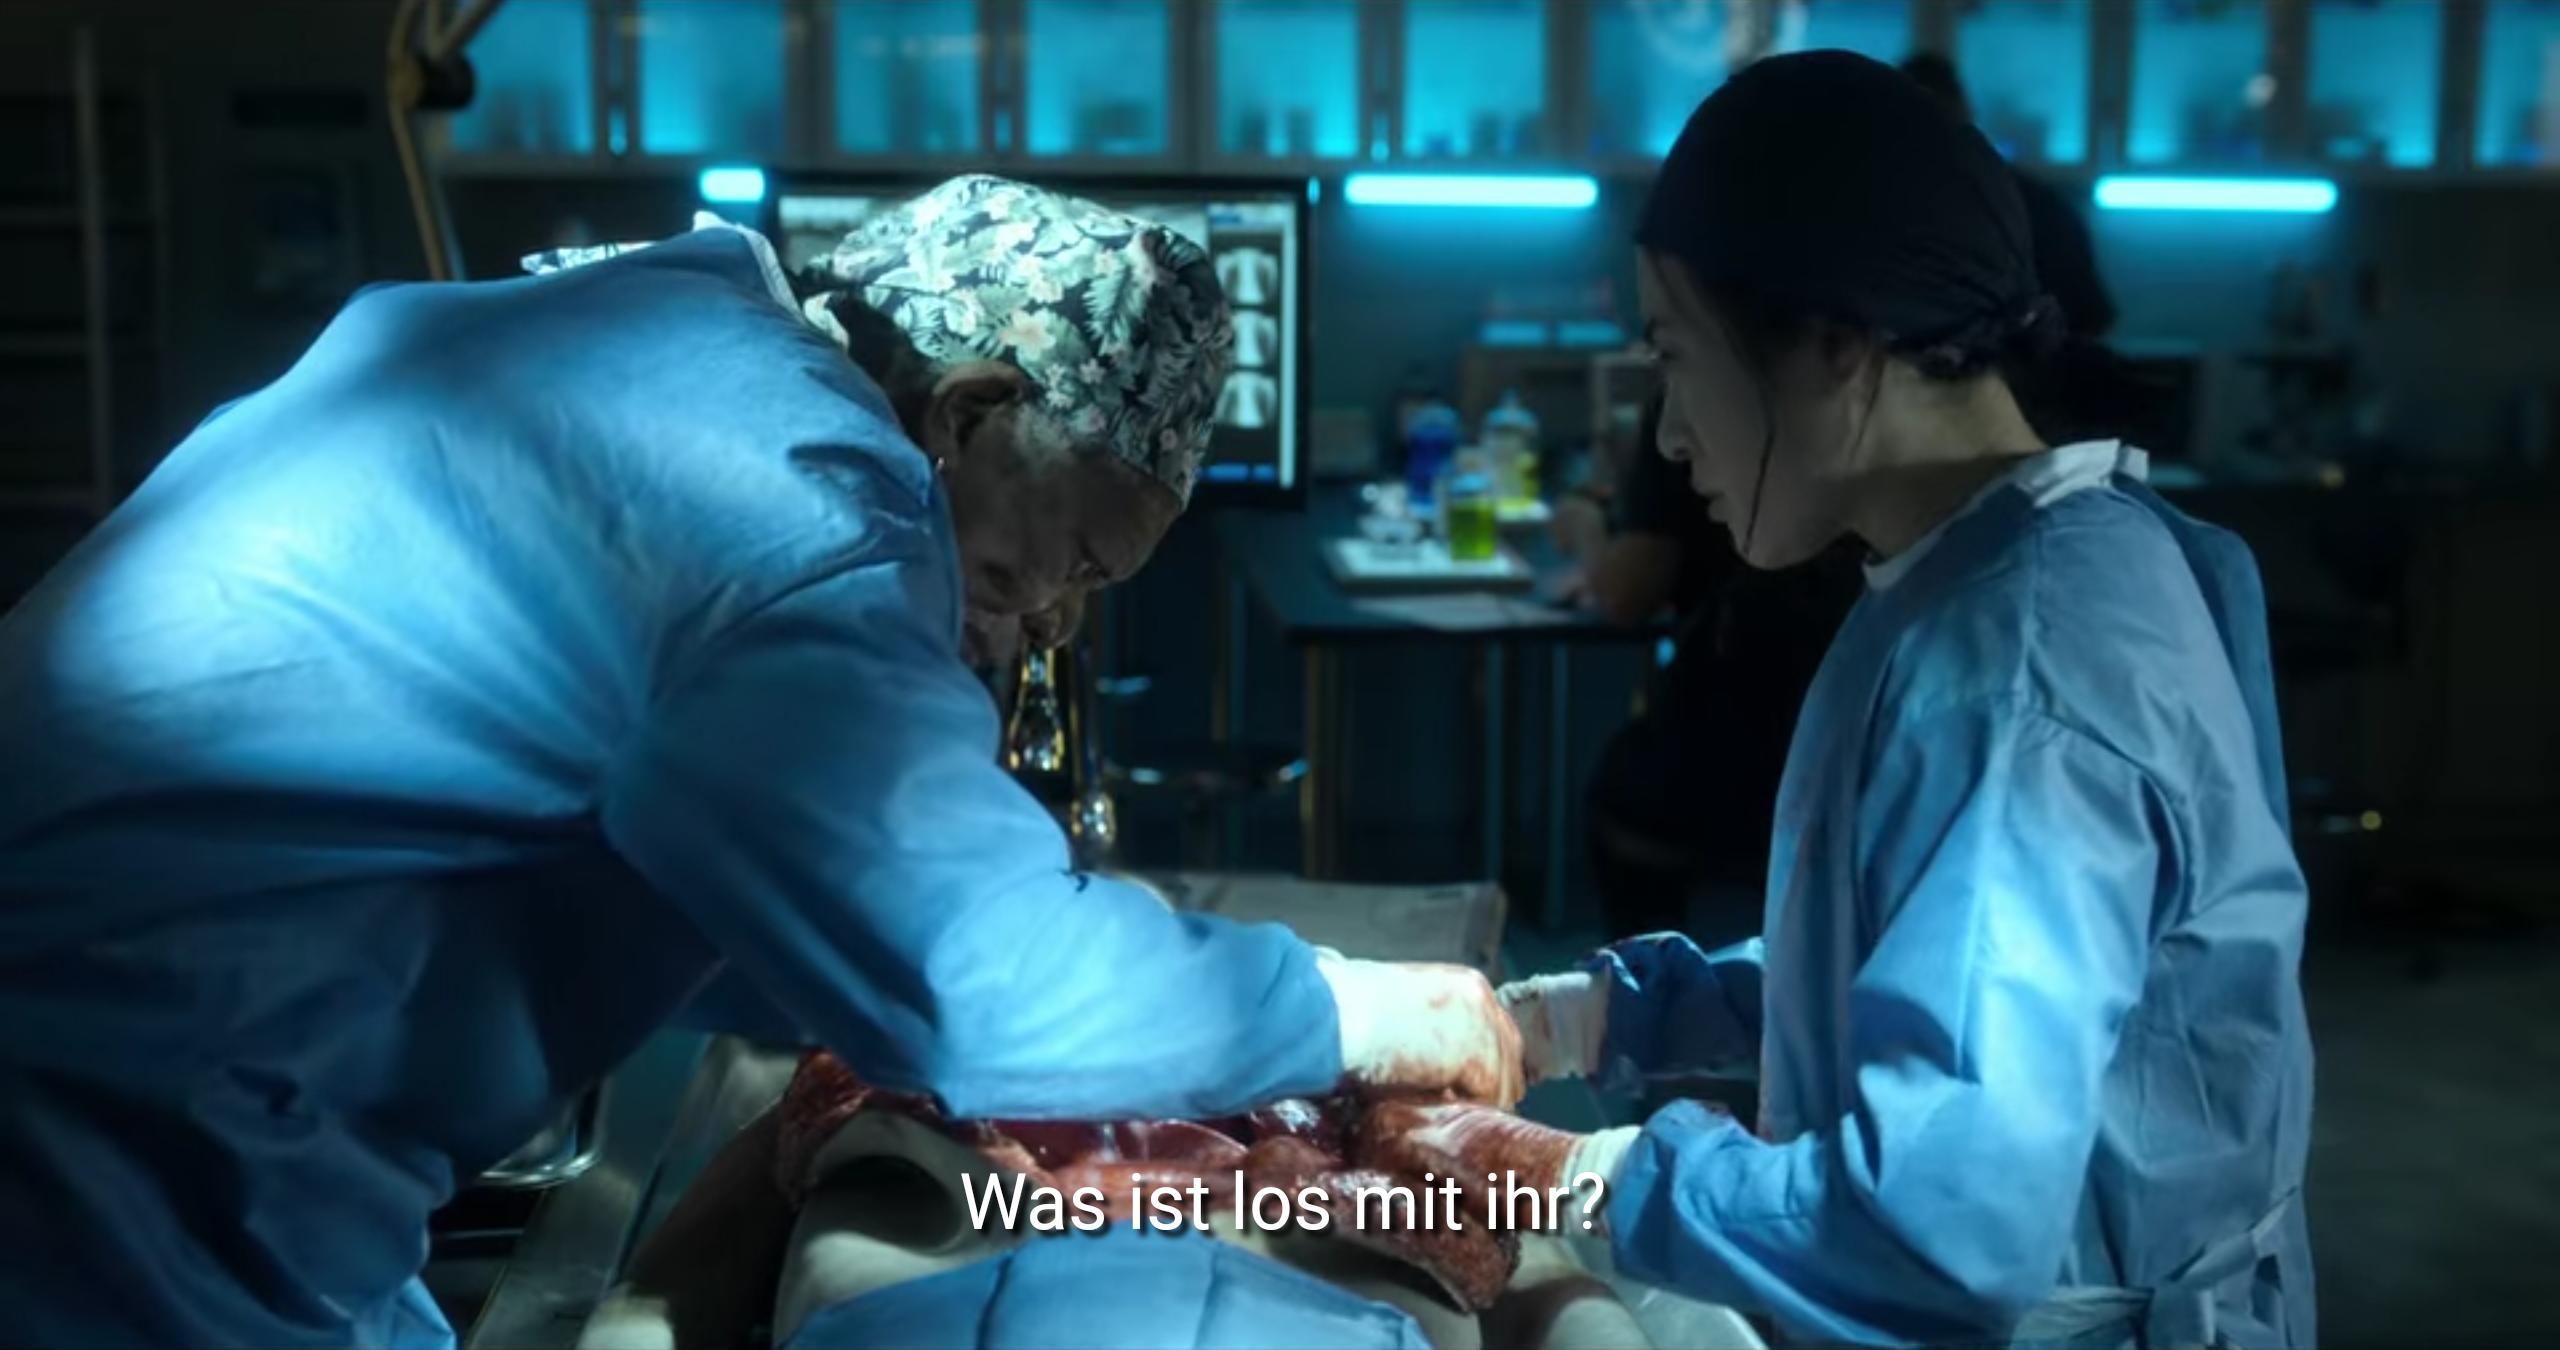 Filmstandbild mit Untertitel: >Was ist los mit ihr?<. Ein Operationssaal in bläulichem Licht, zwei Personen mit blauen Schutzkitteln operieren zusammen einen Dritten. Eine Person mit gemusterter Kopfdeckung, die andere mit schwarzen Haaren.